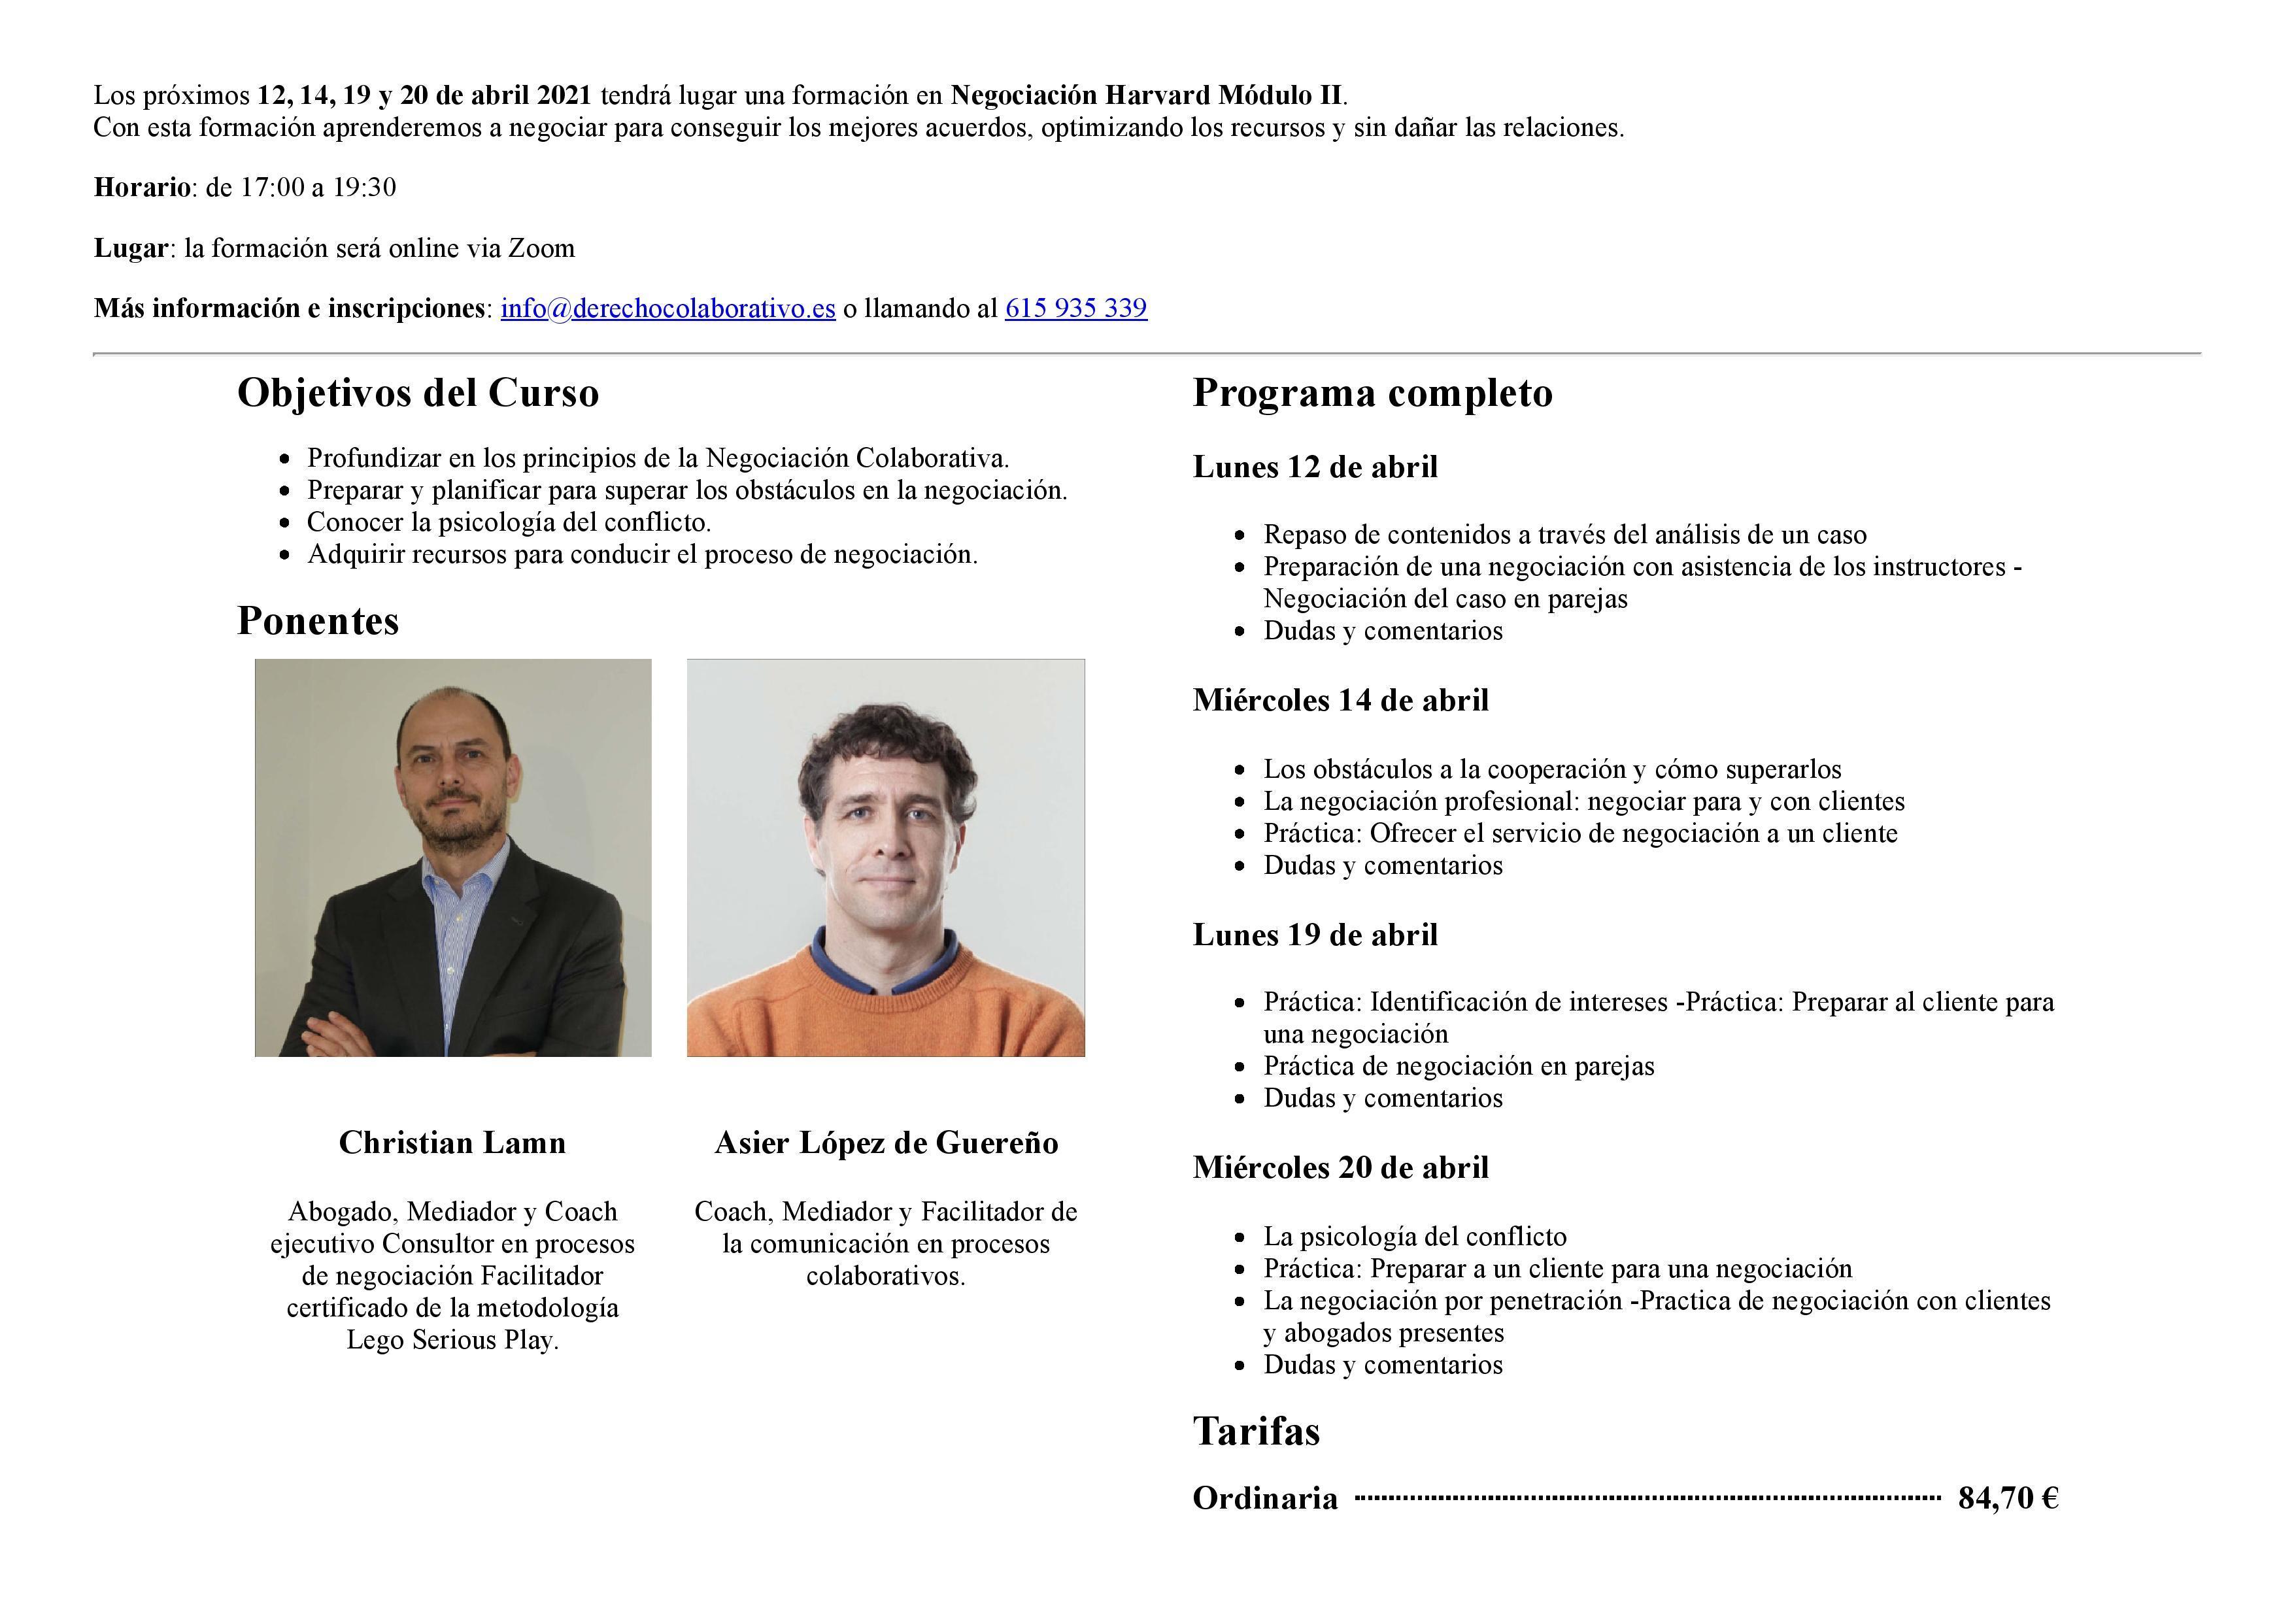 Formación en Negociación Harvard. Módulo II 2021– Online-page-001